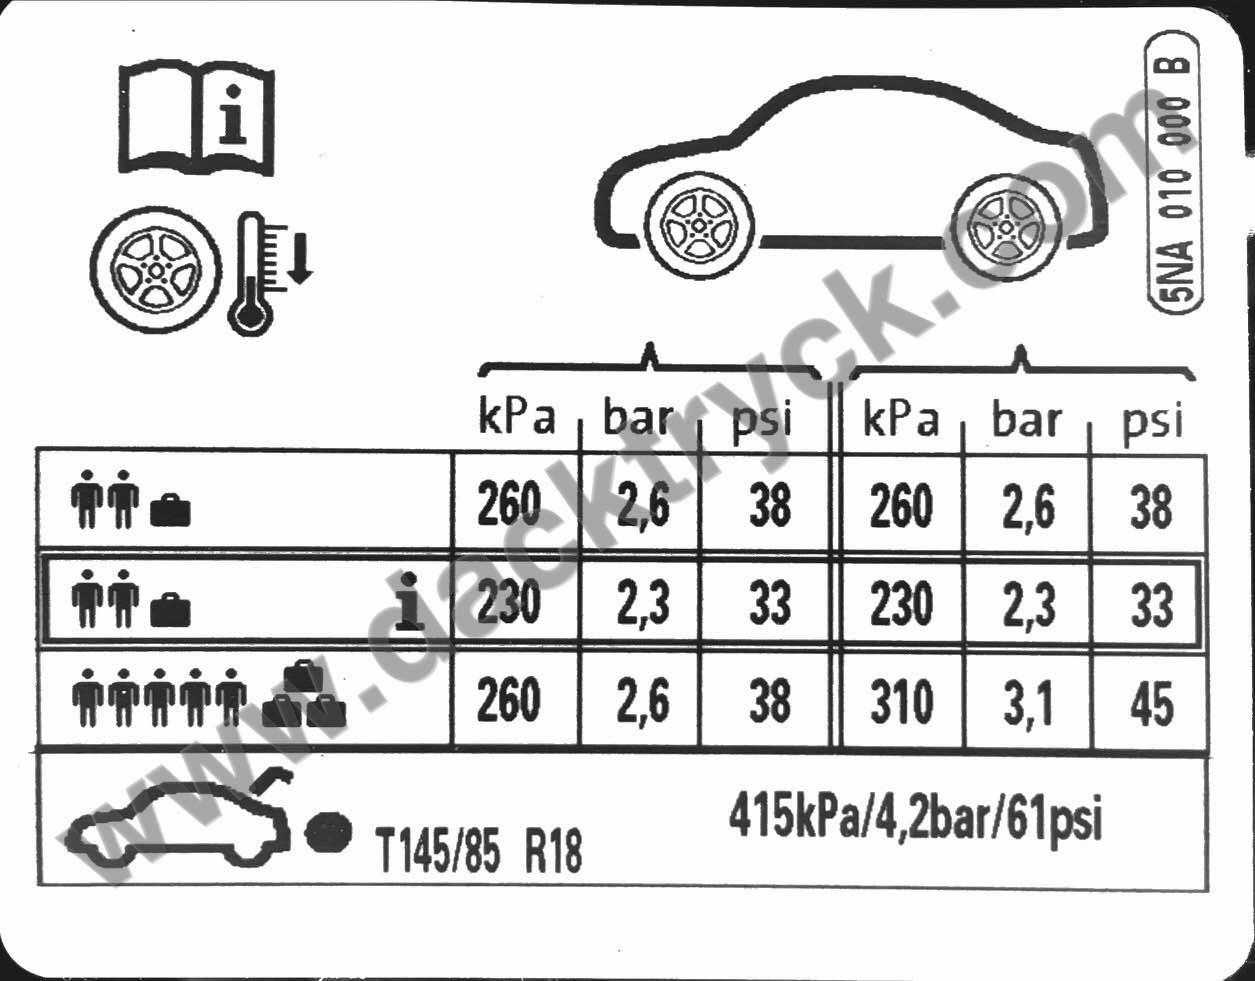 Dæktryk og lufttryk til Volkswagen Tiguan TDI 190 2018